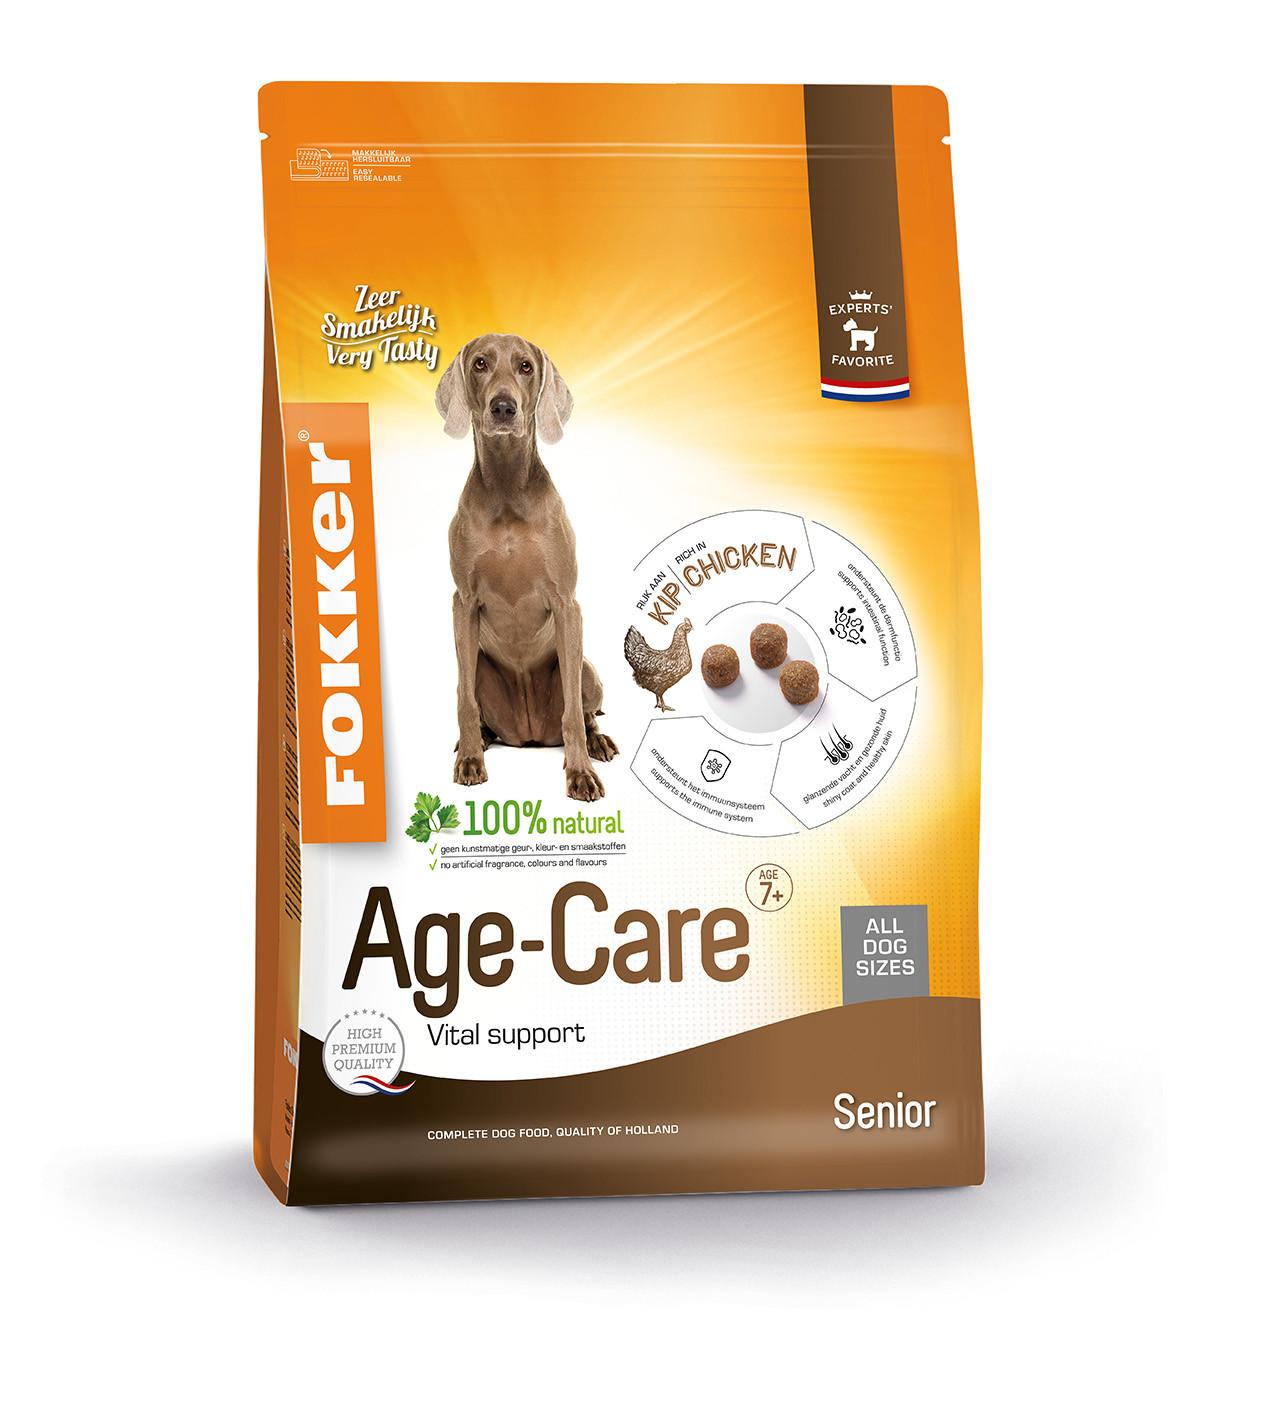 Fokker Dog Age-Care hondenvoer